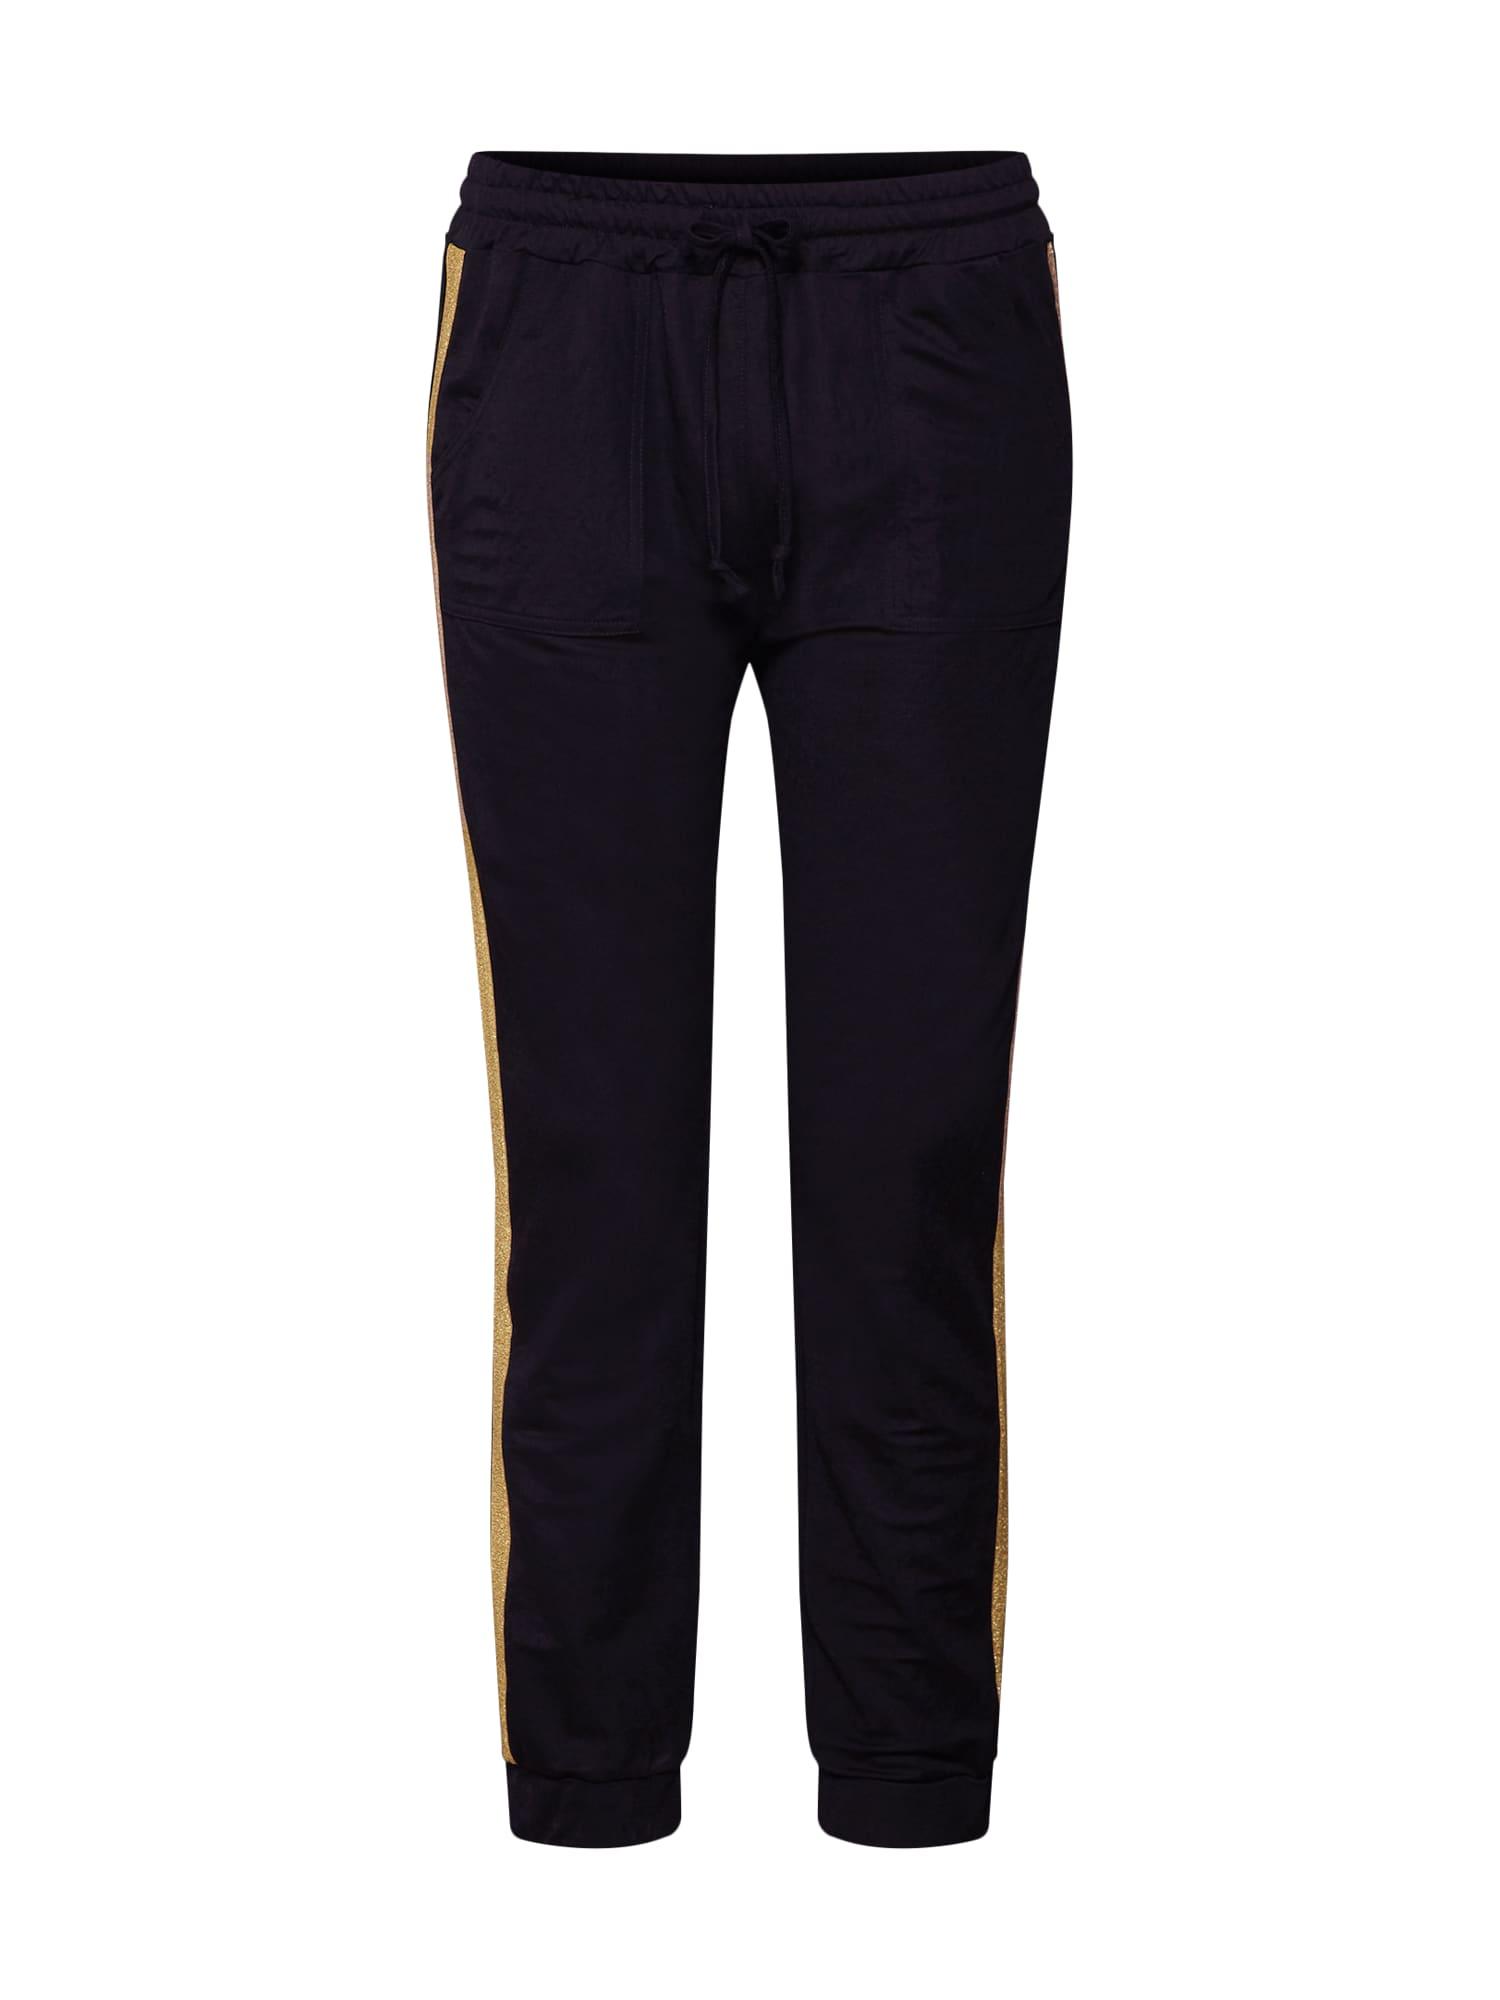 Kalhoty Amelie Trousers černá ABOUT YOU